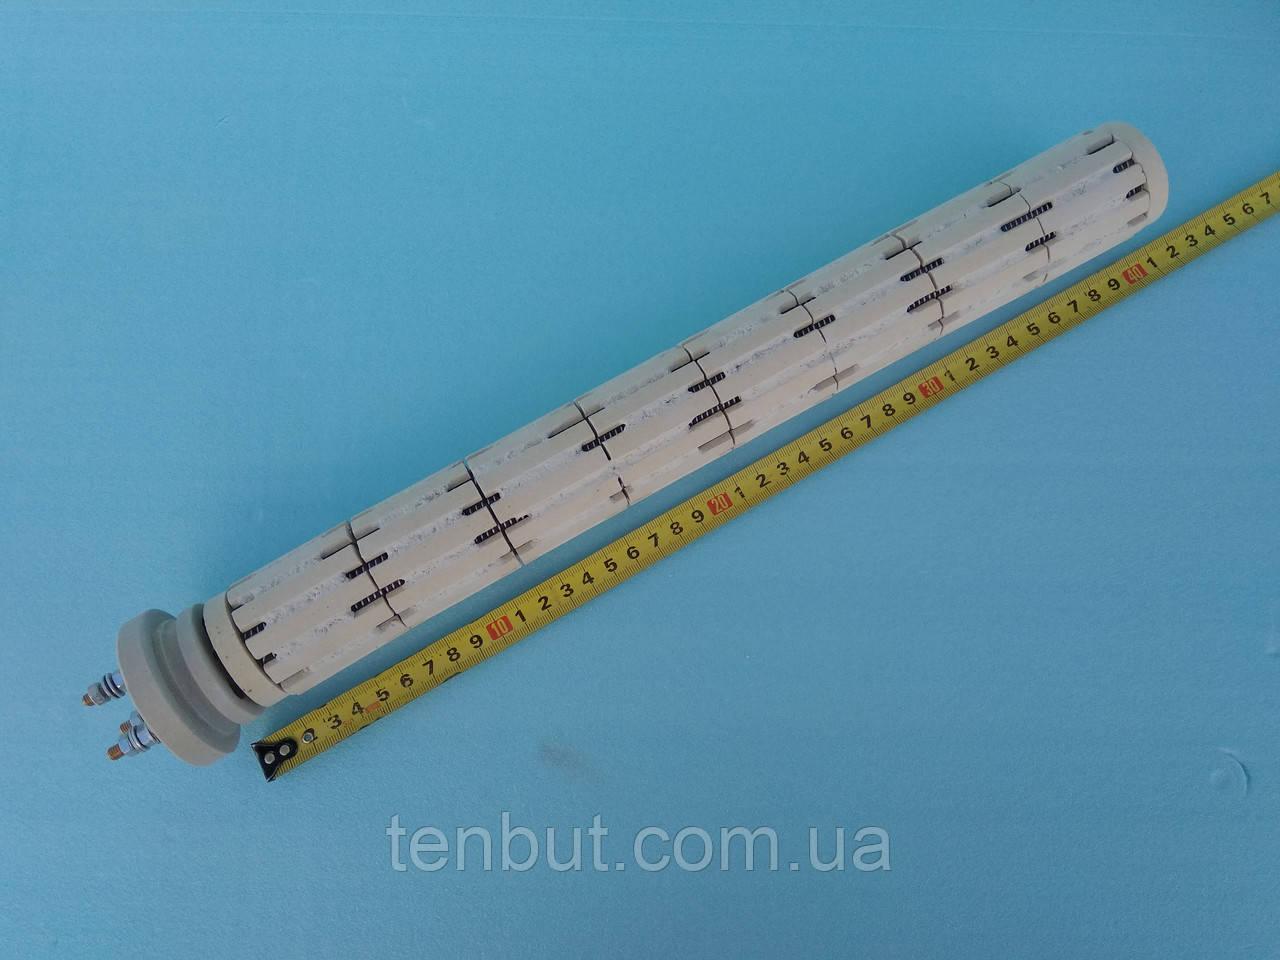 Тэн сухой СТЕАТИТОВЫЙ керамический 2.4 квт. / 230 В. / 410 мм. для бойлеров Thermex Ferroli Atlantic Пр. OASIS